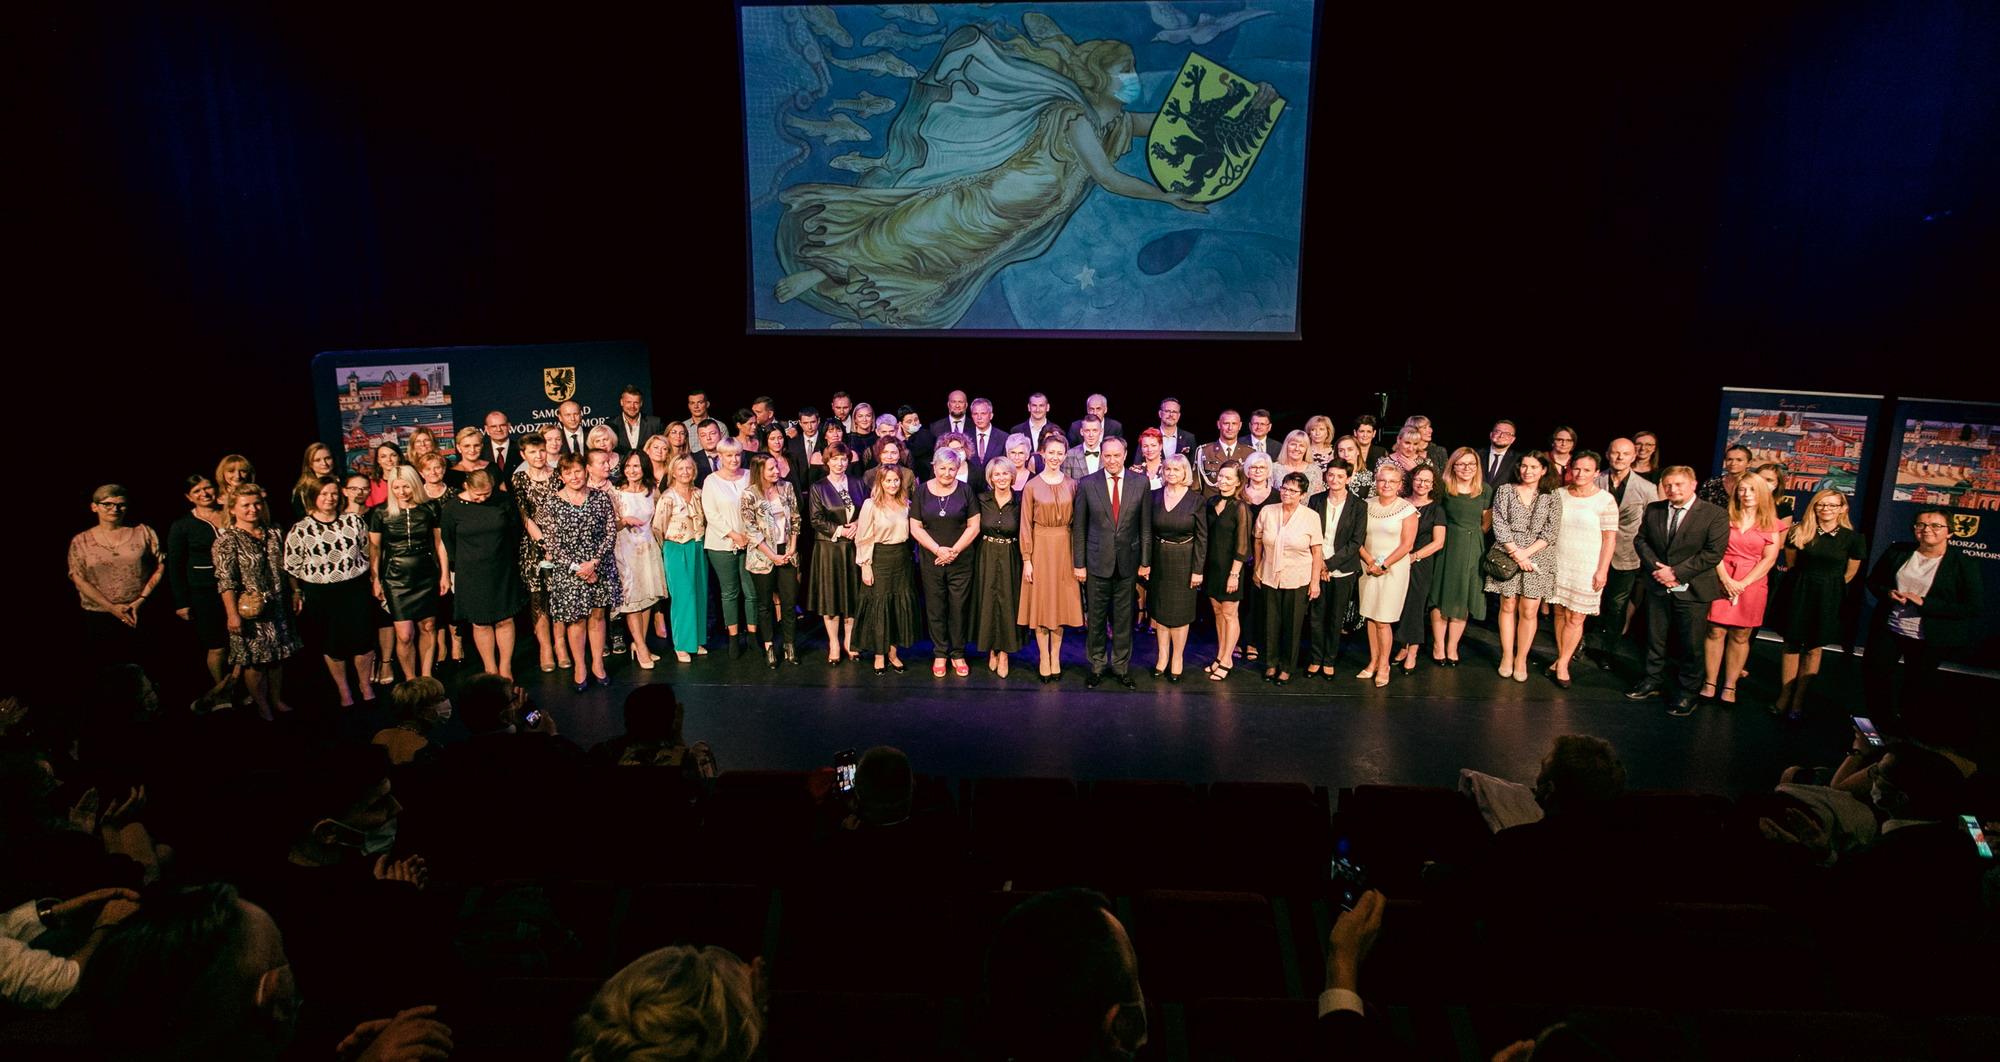 Uroczyście i wzruszająco. Gala dla medyków zaangażowanych w walkę z COVID-19 na Pomorzu [FILM I ZDJĘCIA]